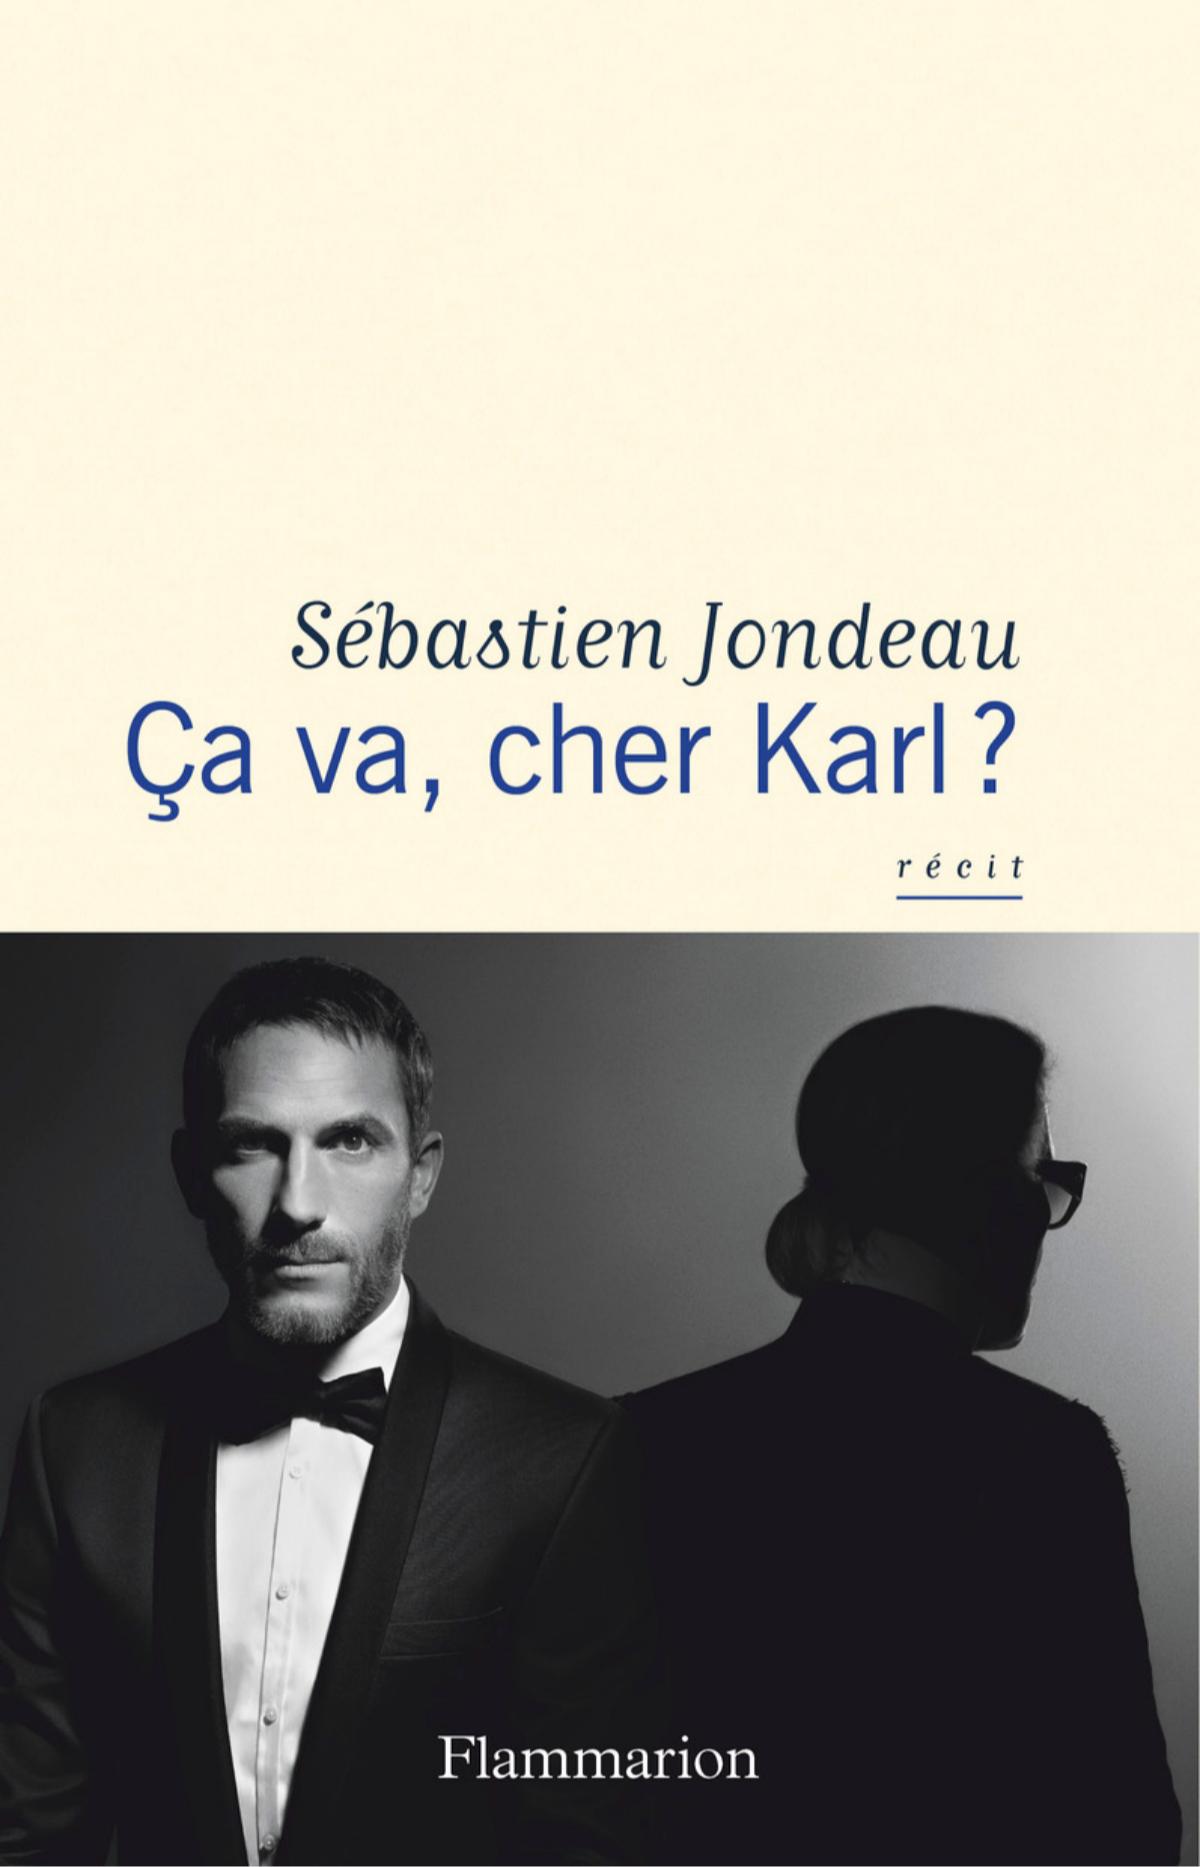 Обложка книги«Ça va, cher Karl?», написанной телохранителем Карла ЛагерфельдаСебастьяном Жондо